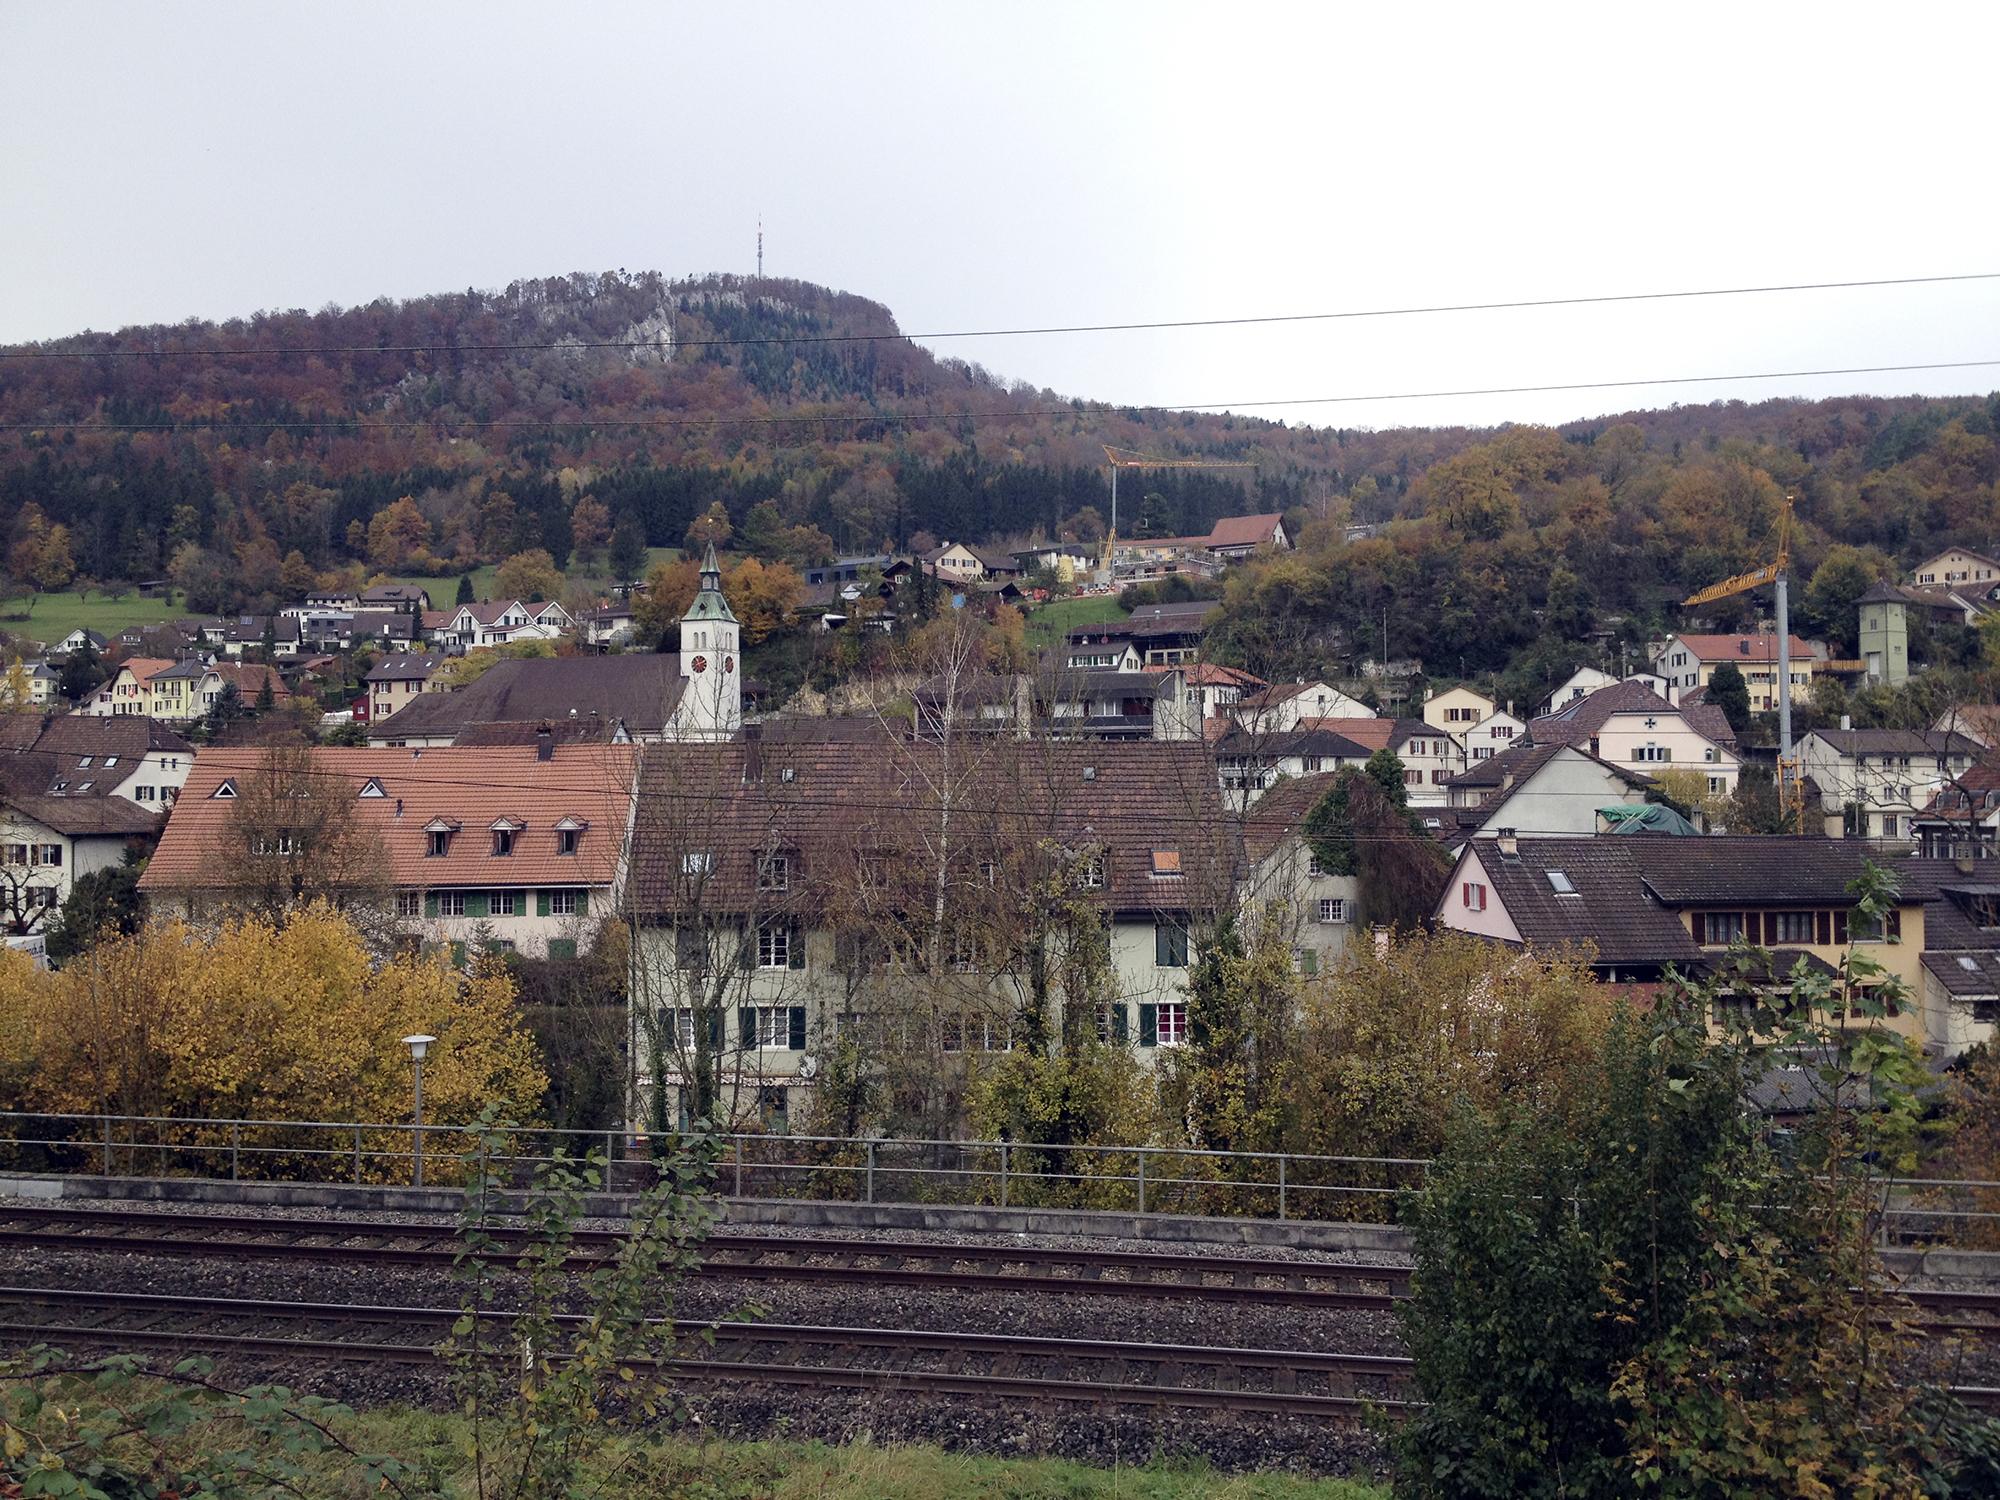 Grellingen ist malerisch gelegen, dass Dorf verspricht Idylle.